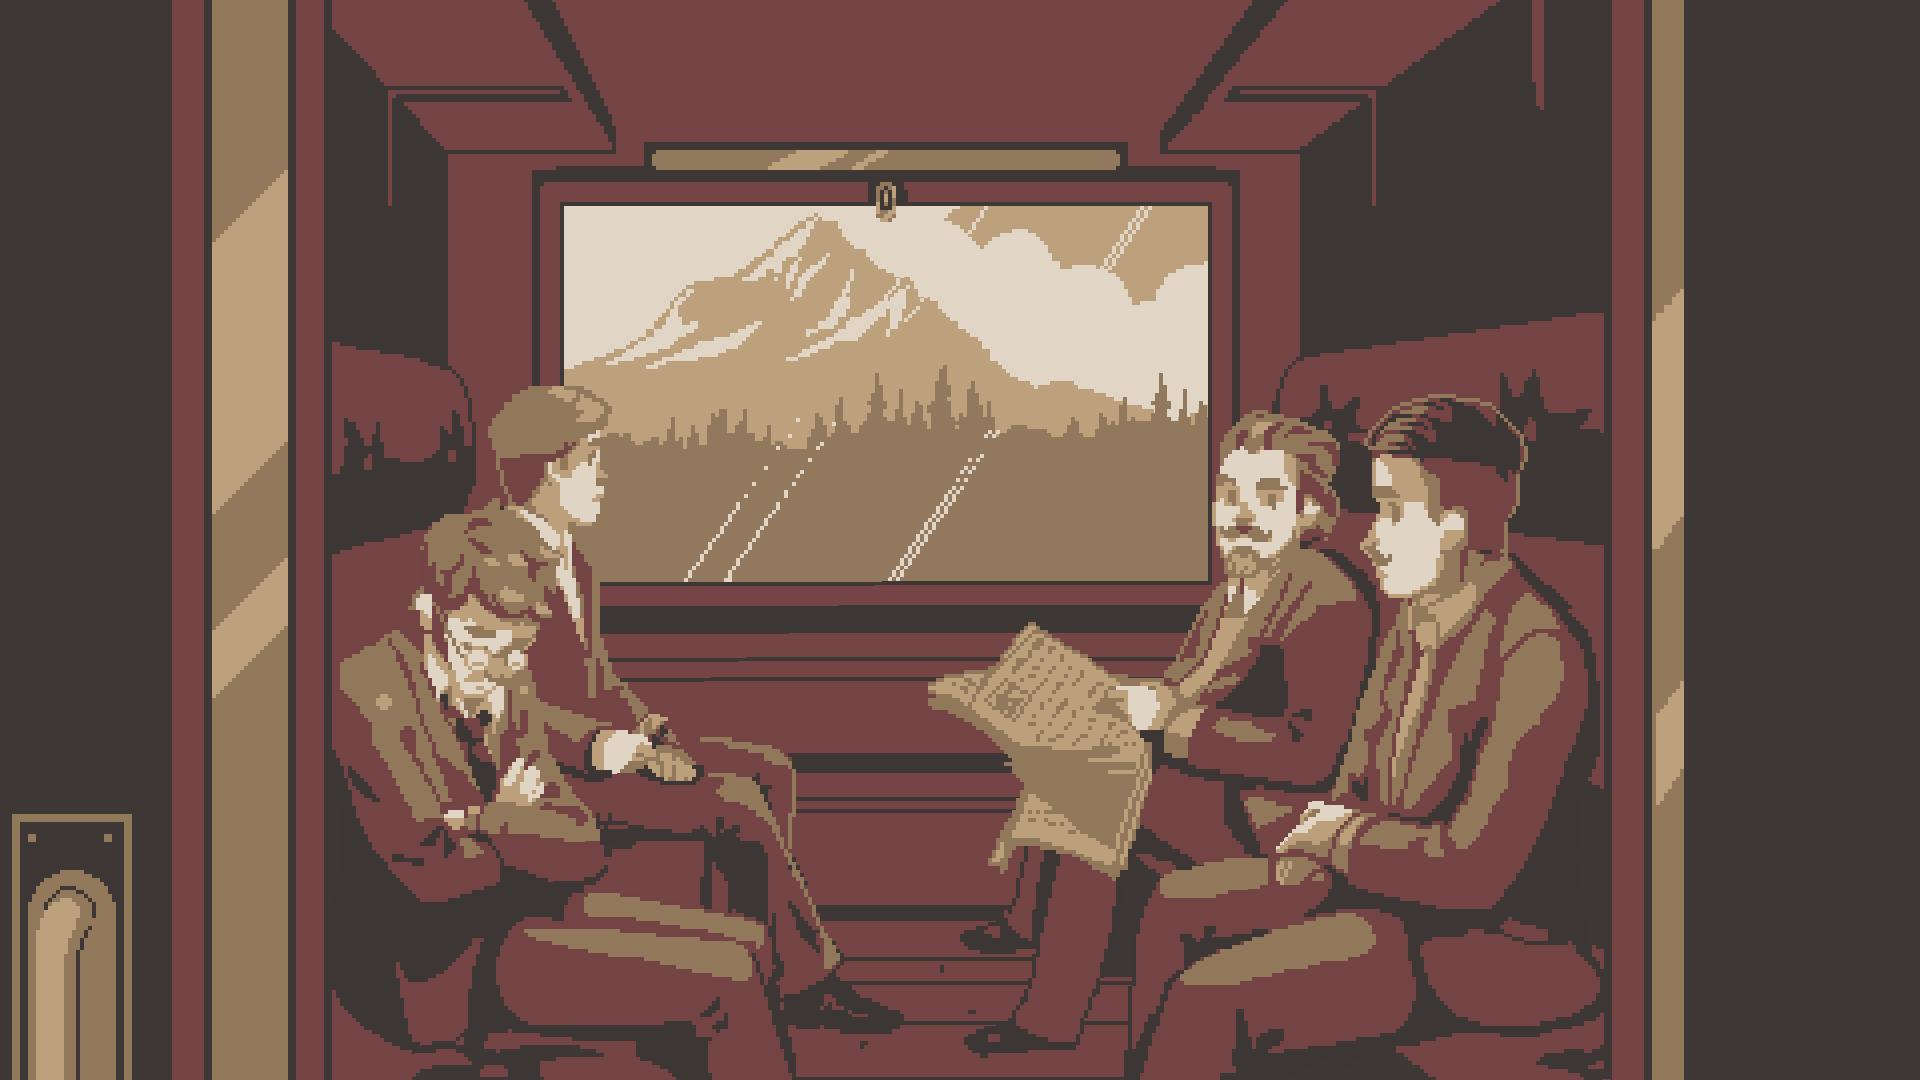 在第四章一場火車包廂中的閒聊中,前三章的人物和故事被巧妙的串聯了起來。